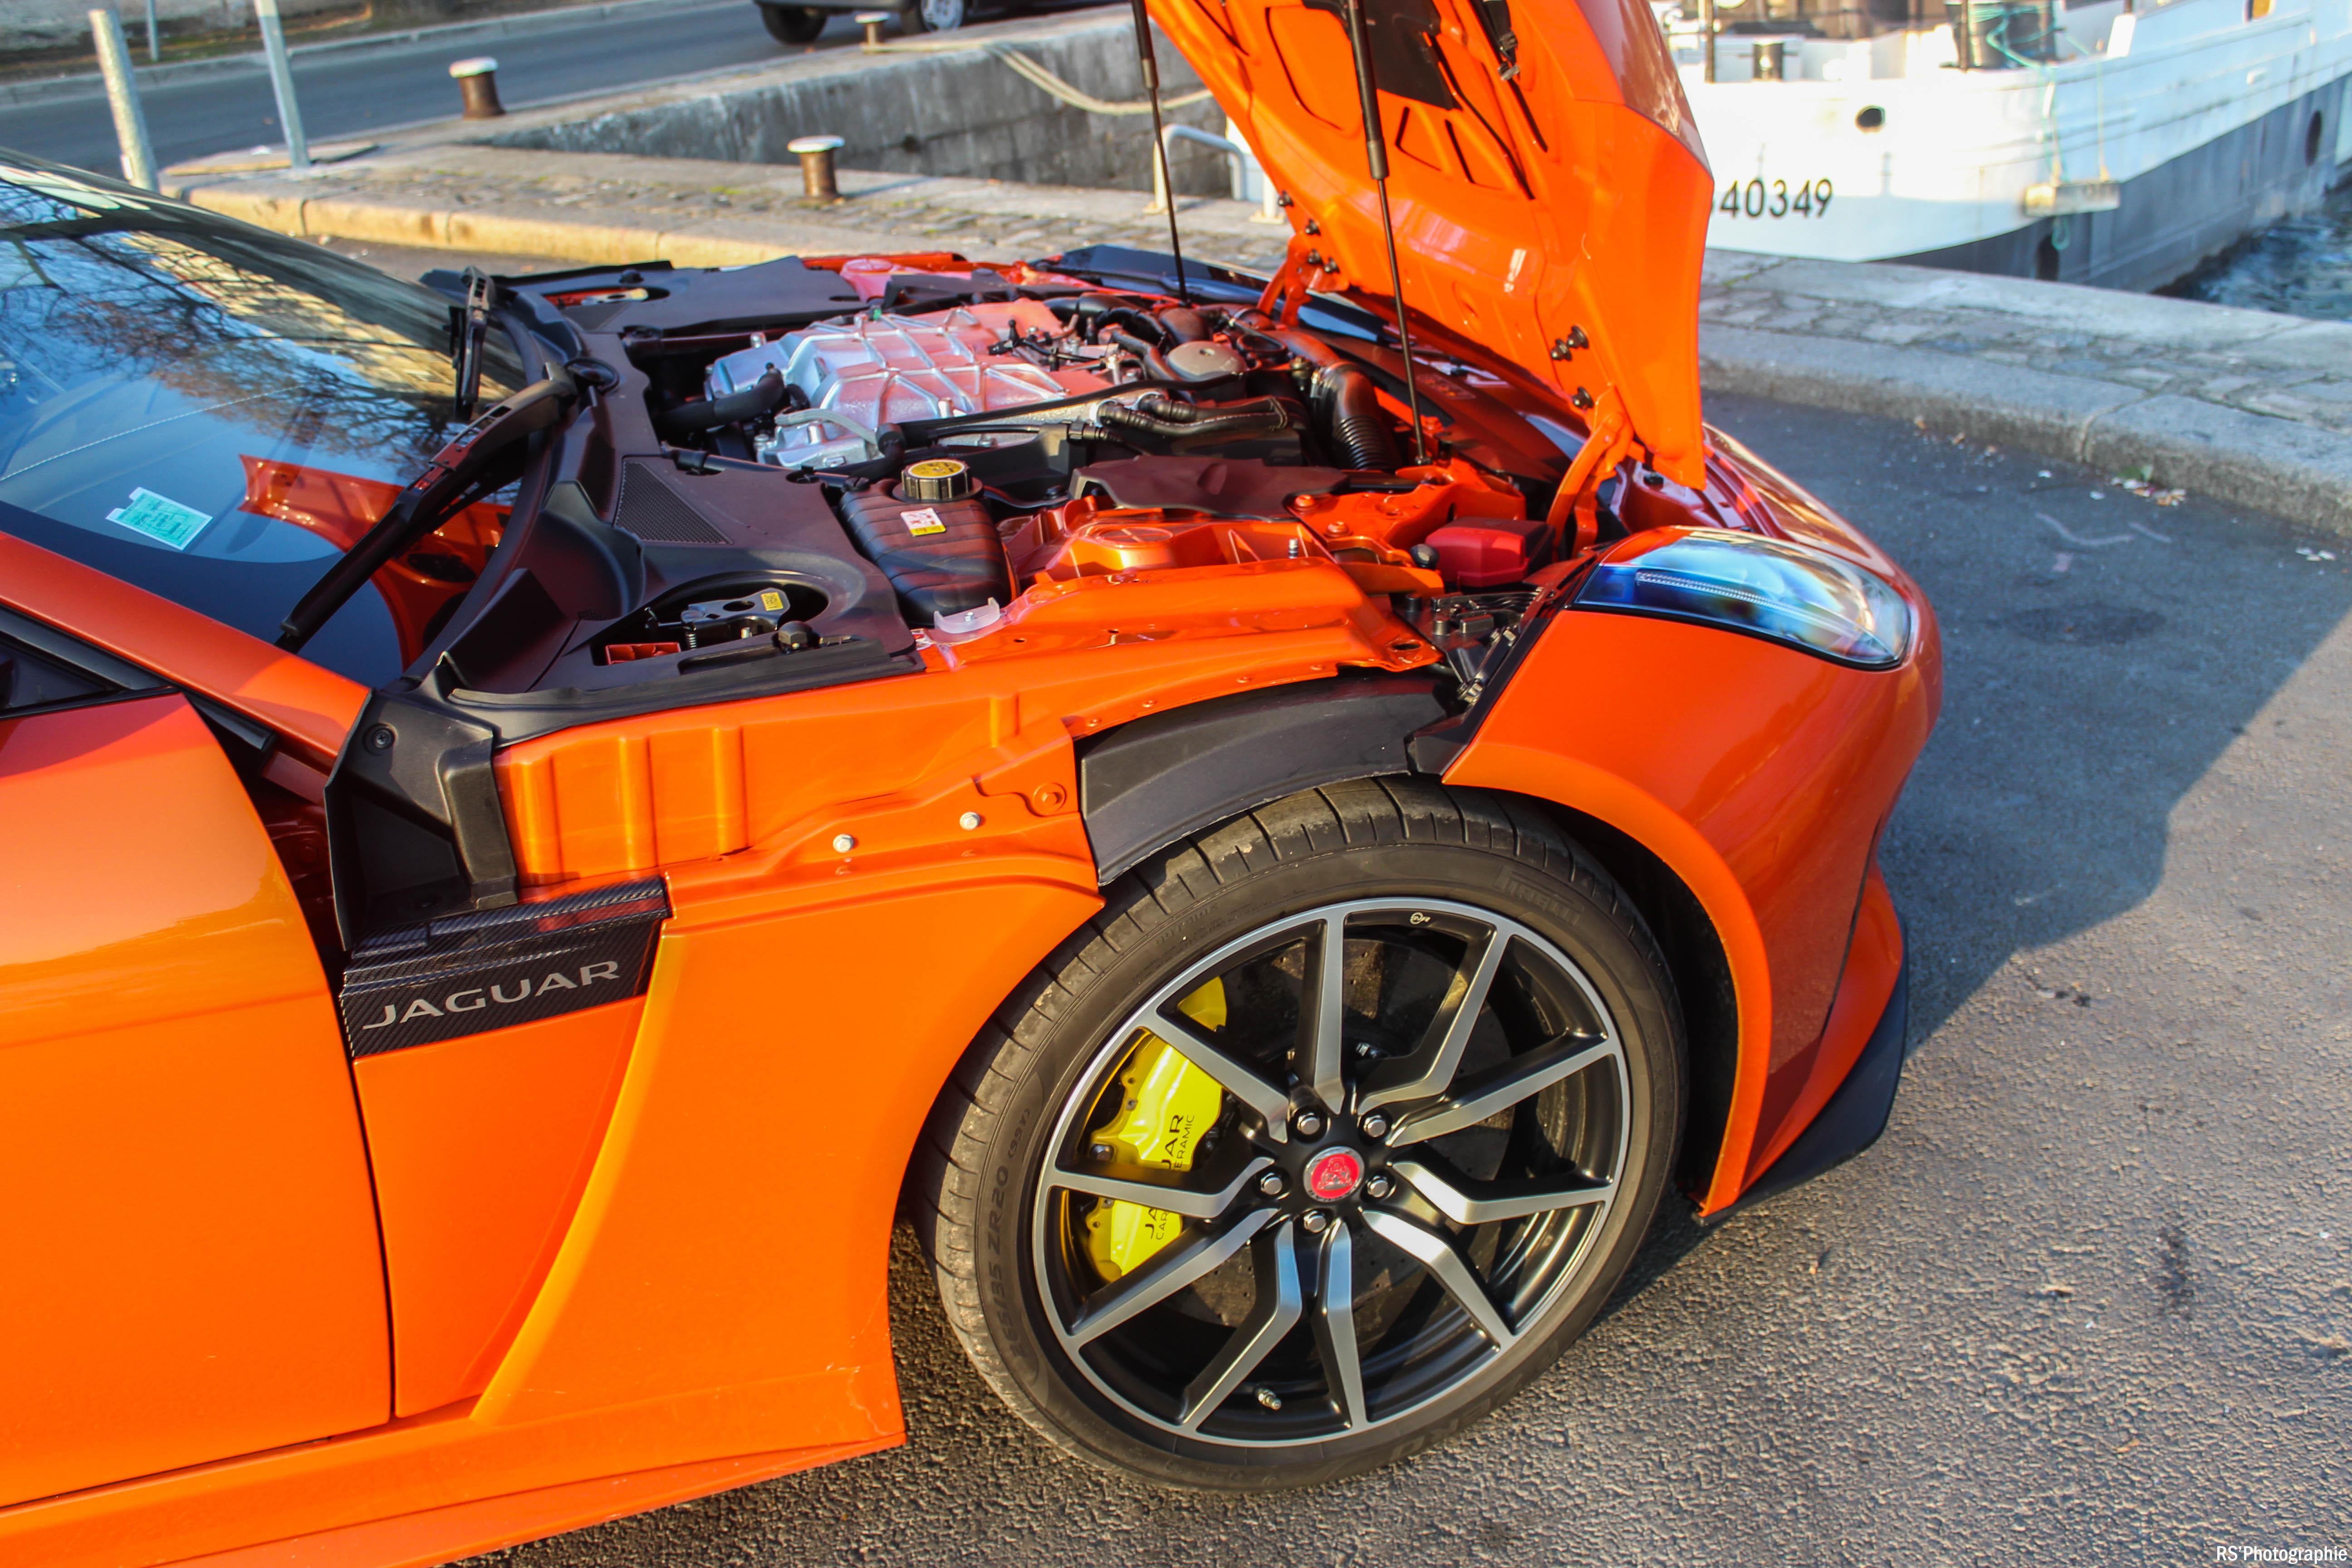 jaguarftypesvr51-jaguar-ftype-svr-moteur-engine-arnaud-demasier-rsphotographie